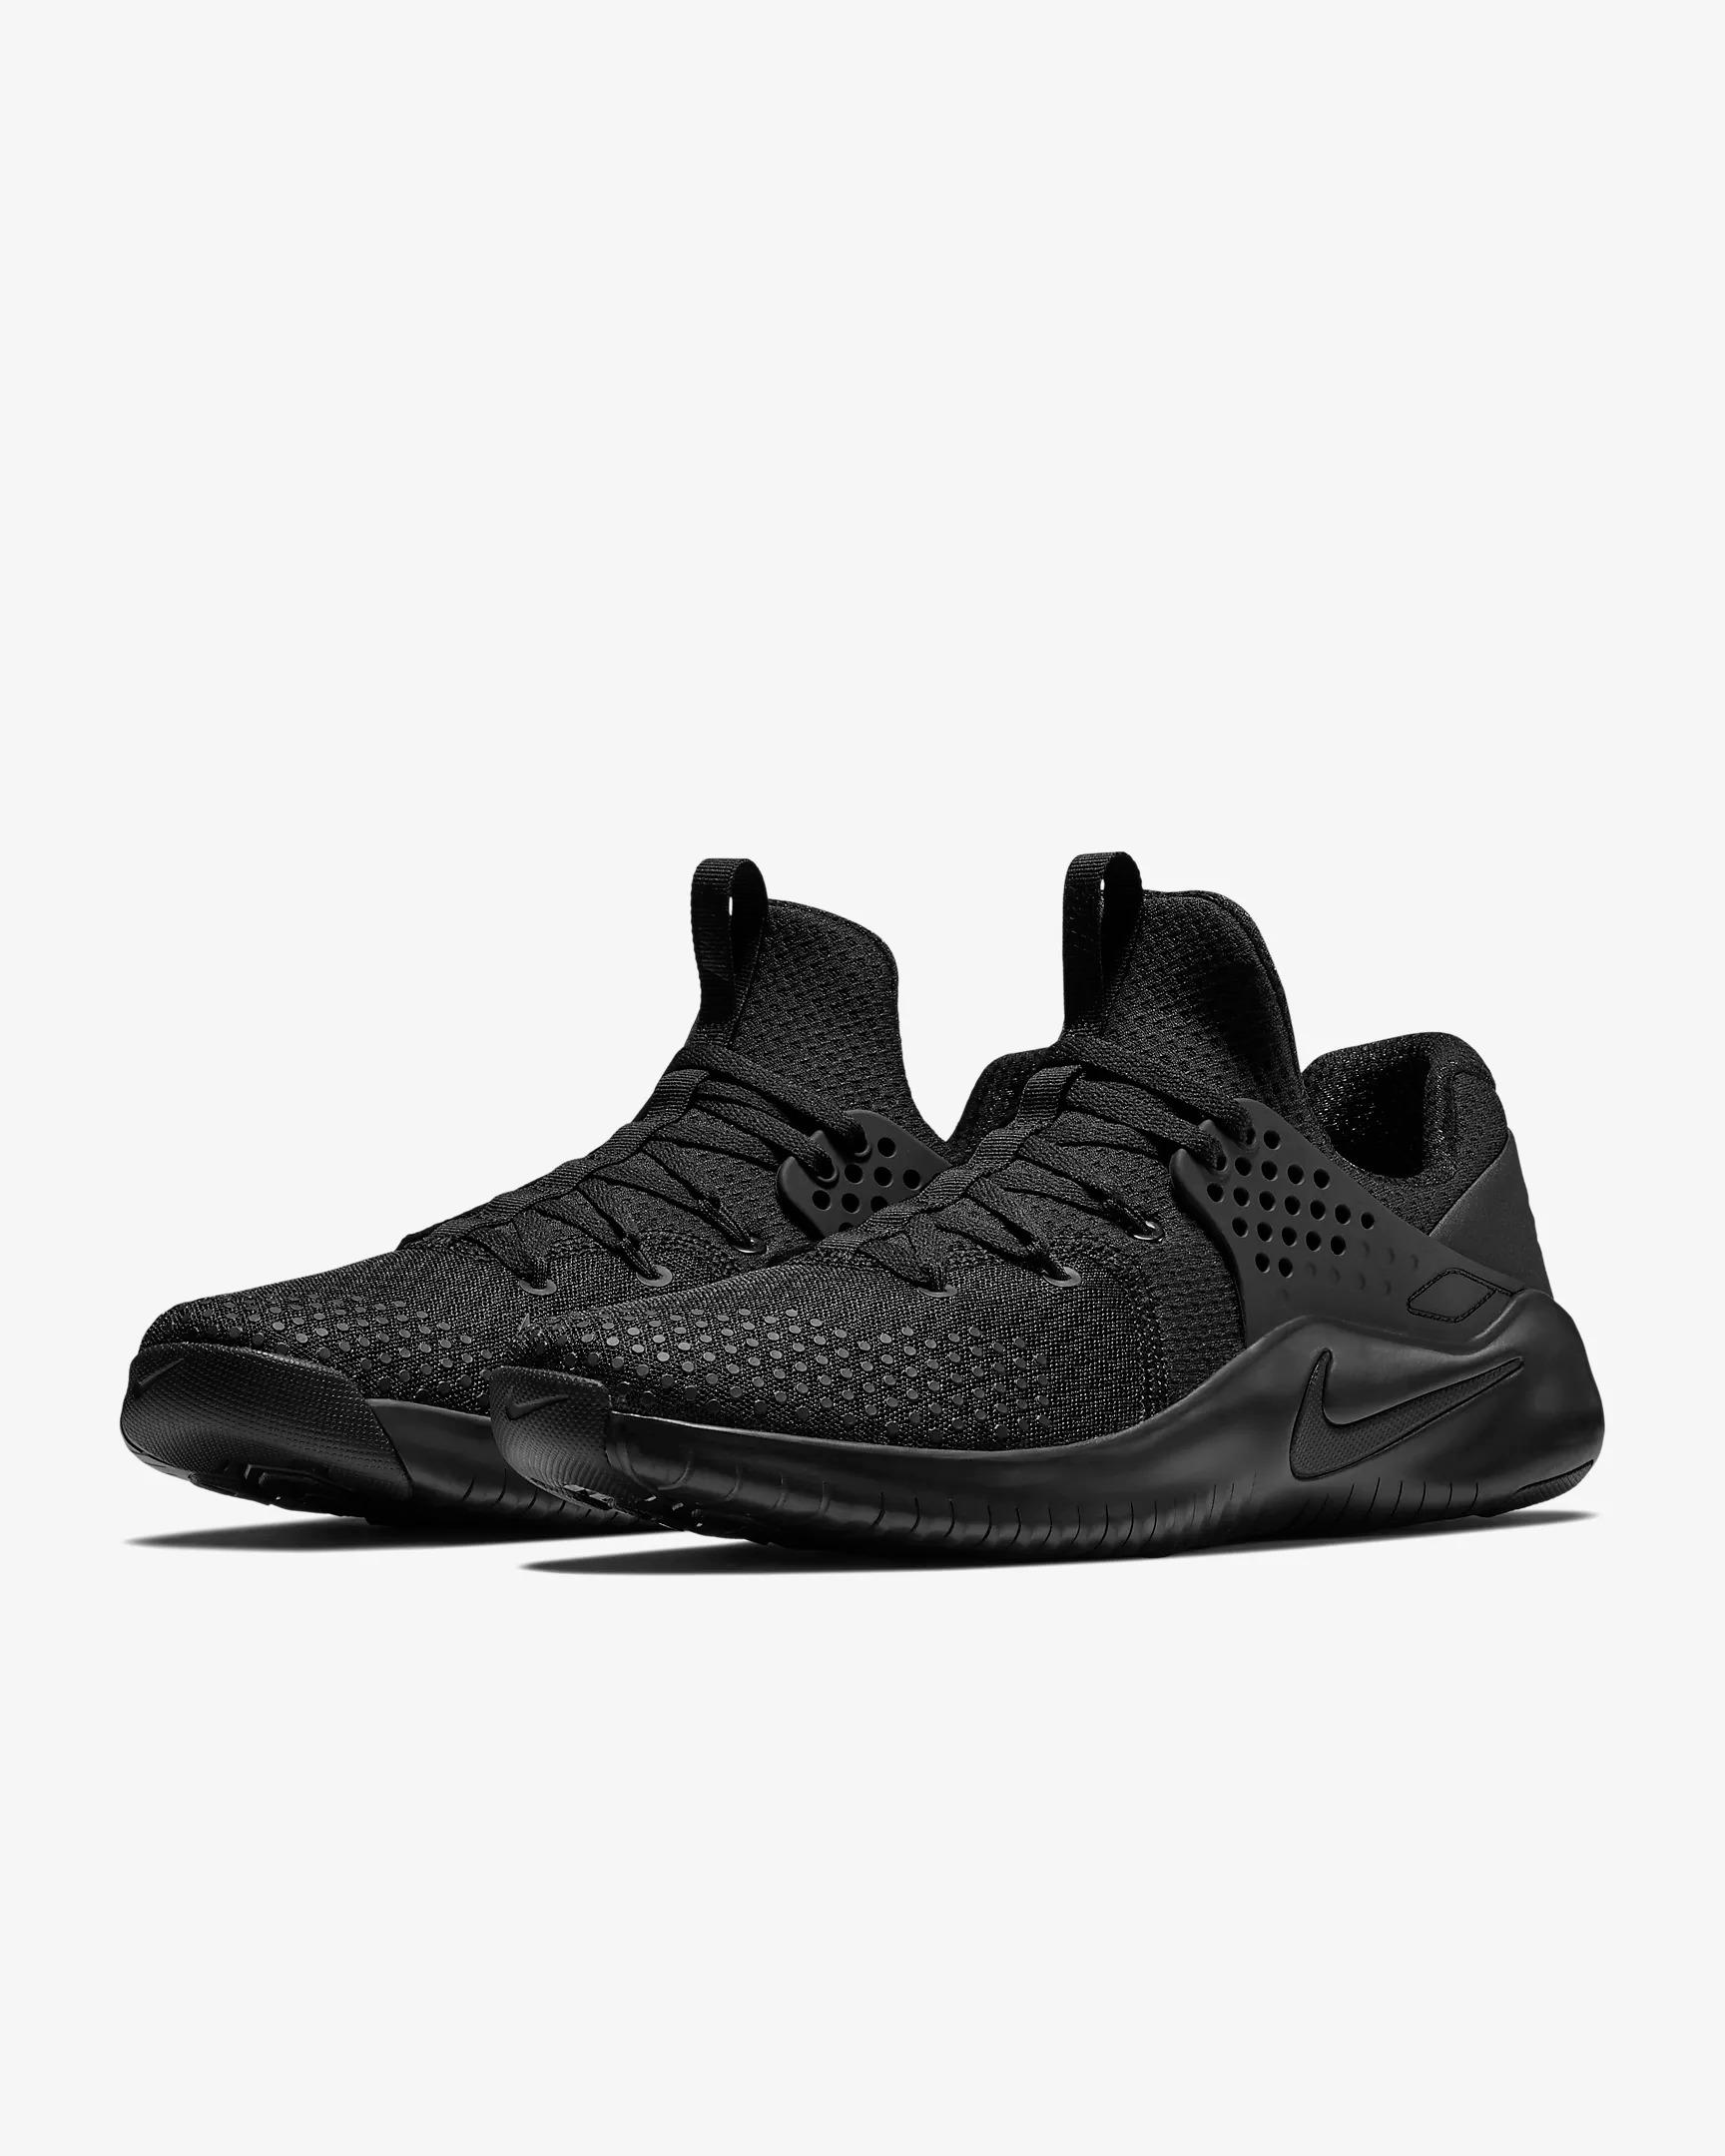 e17b1261bf376 Nike Free Trainer V8 Training Shoes - SPORT SHOES TRAINING SHOES -  Superfanas.lt